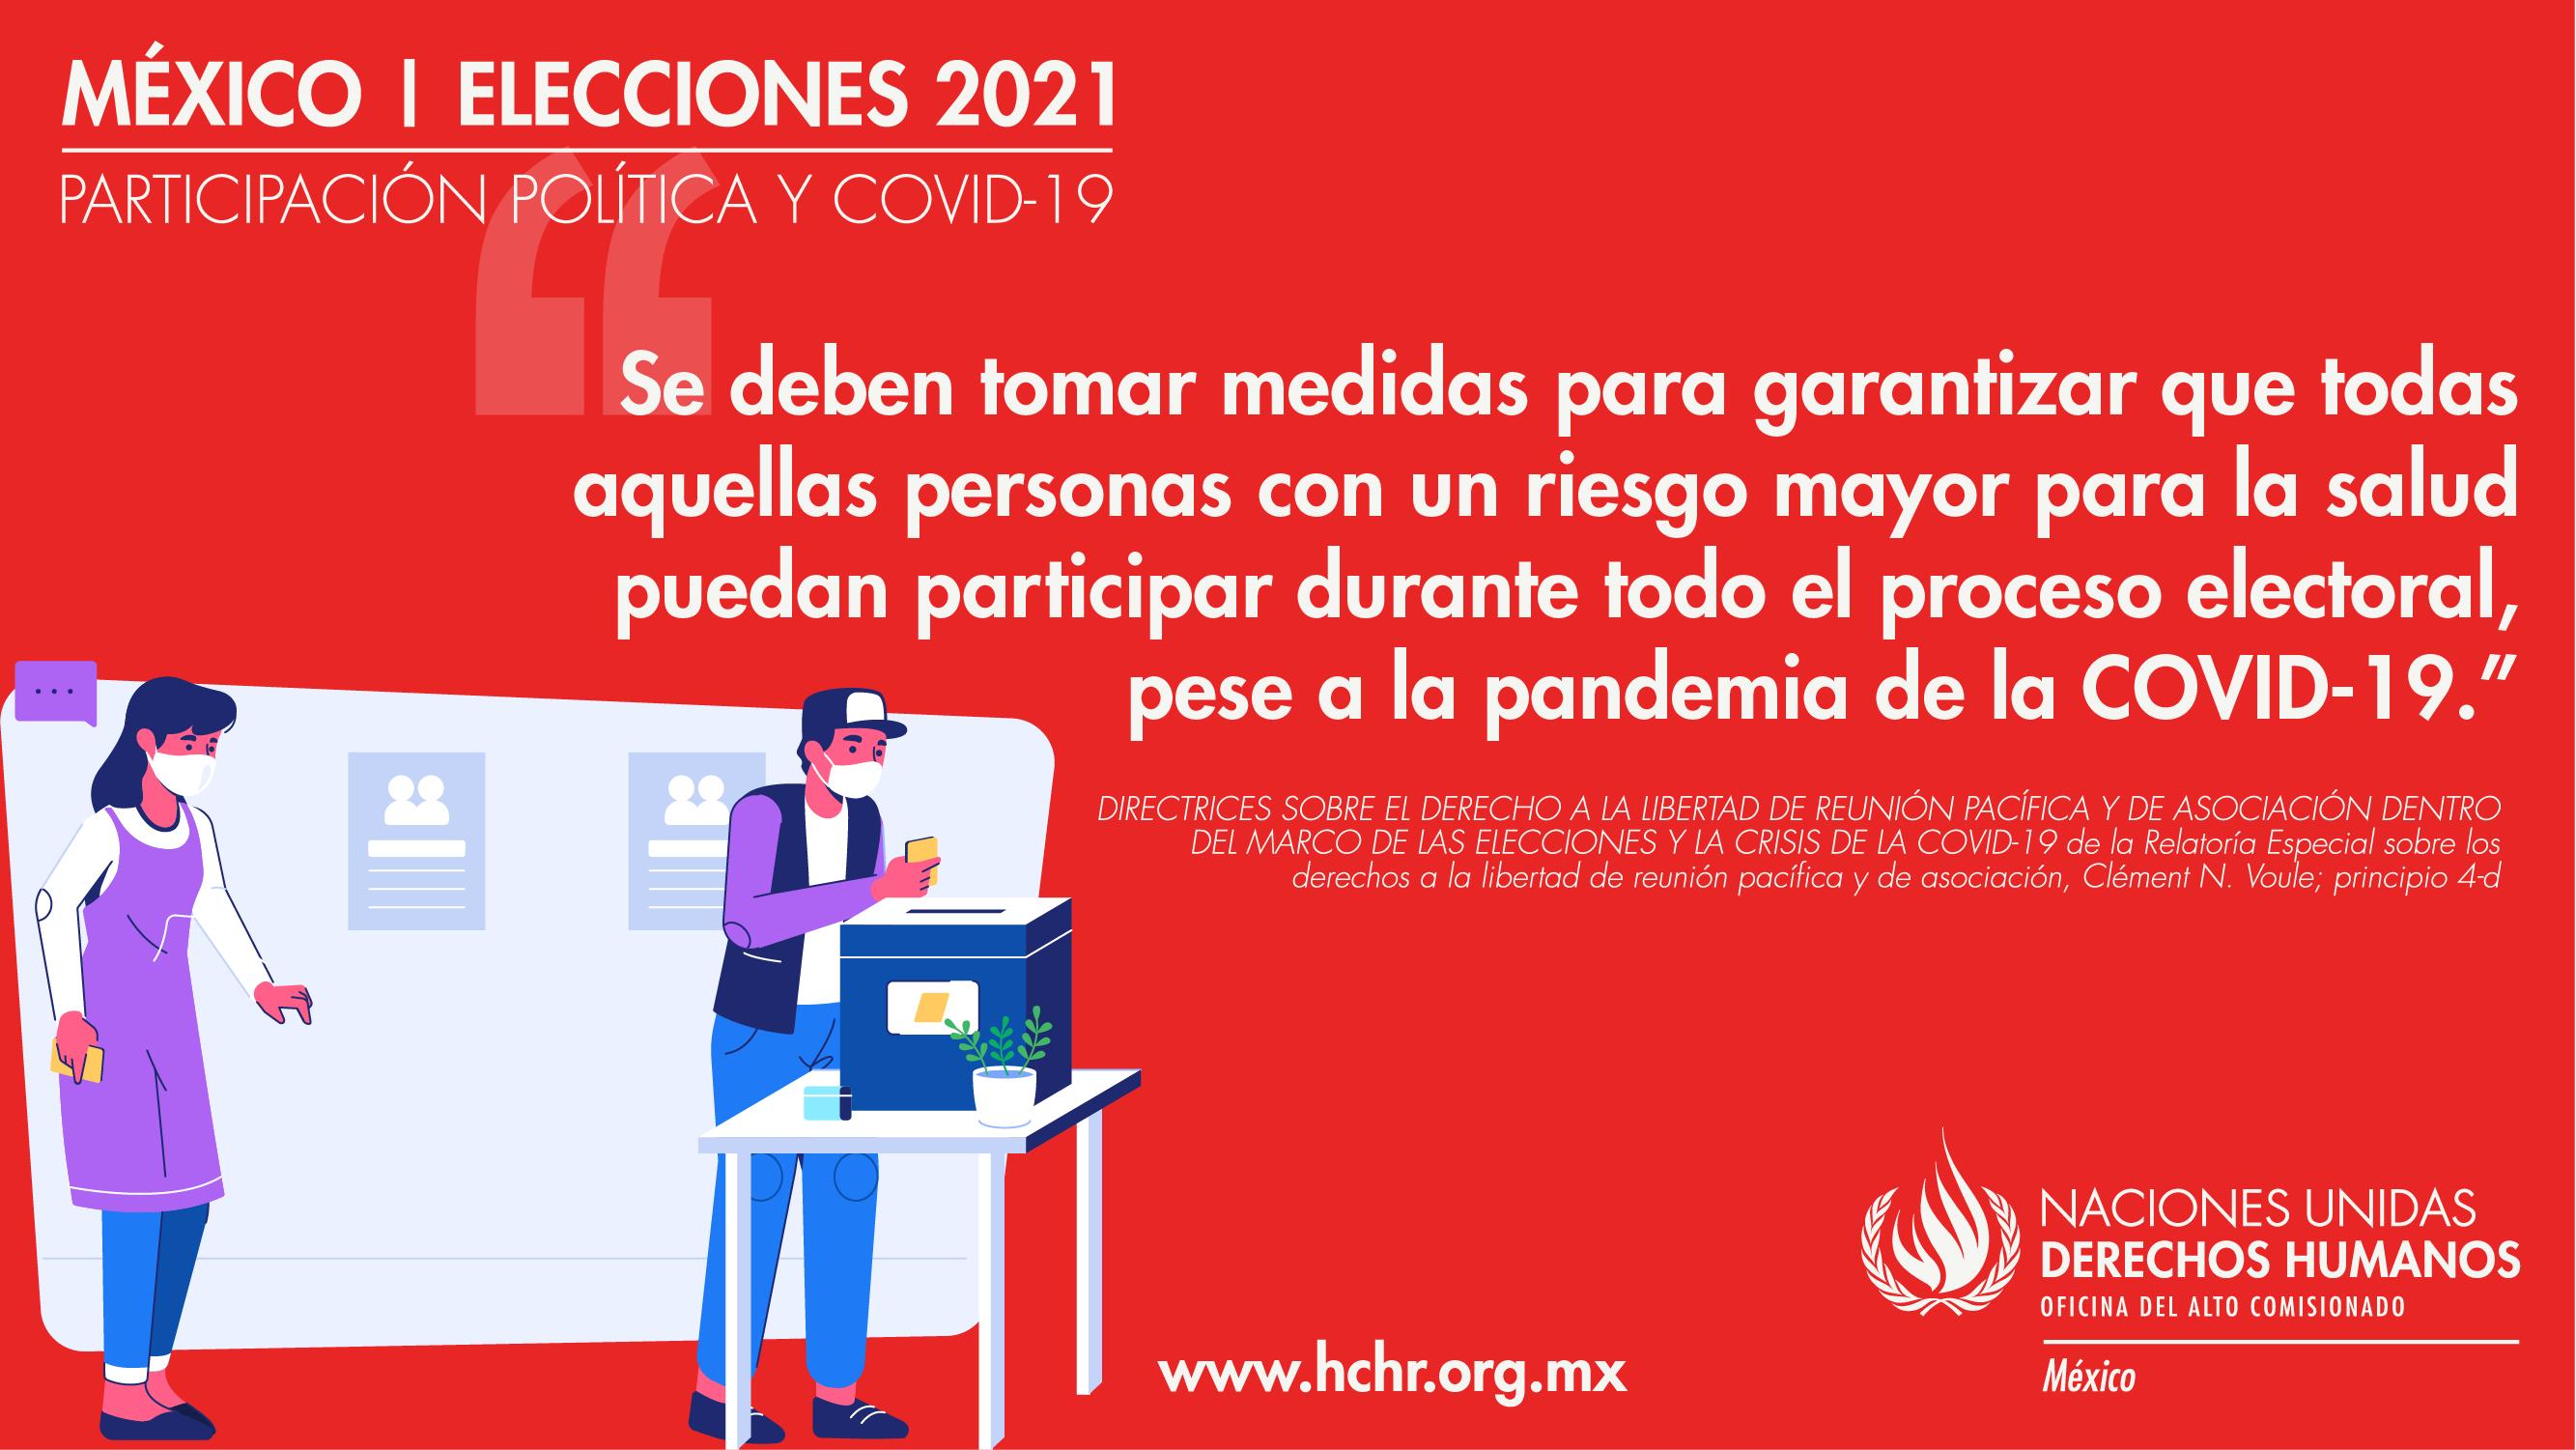 Postales_EstándaresDH_Elecciones_Mesa de trabajo 1 copia 16